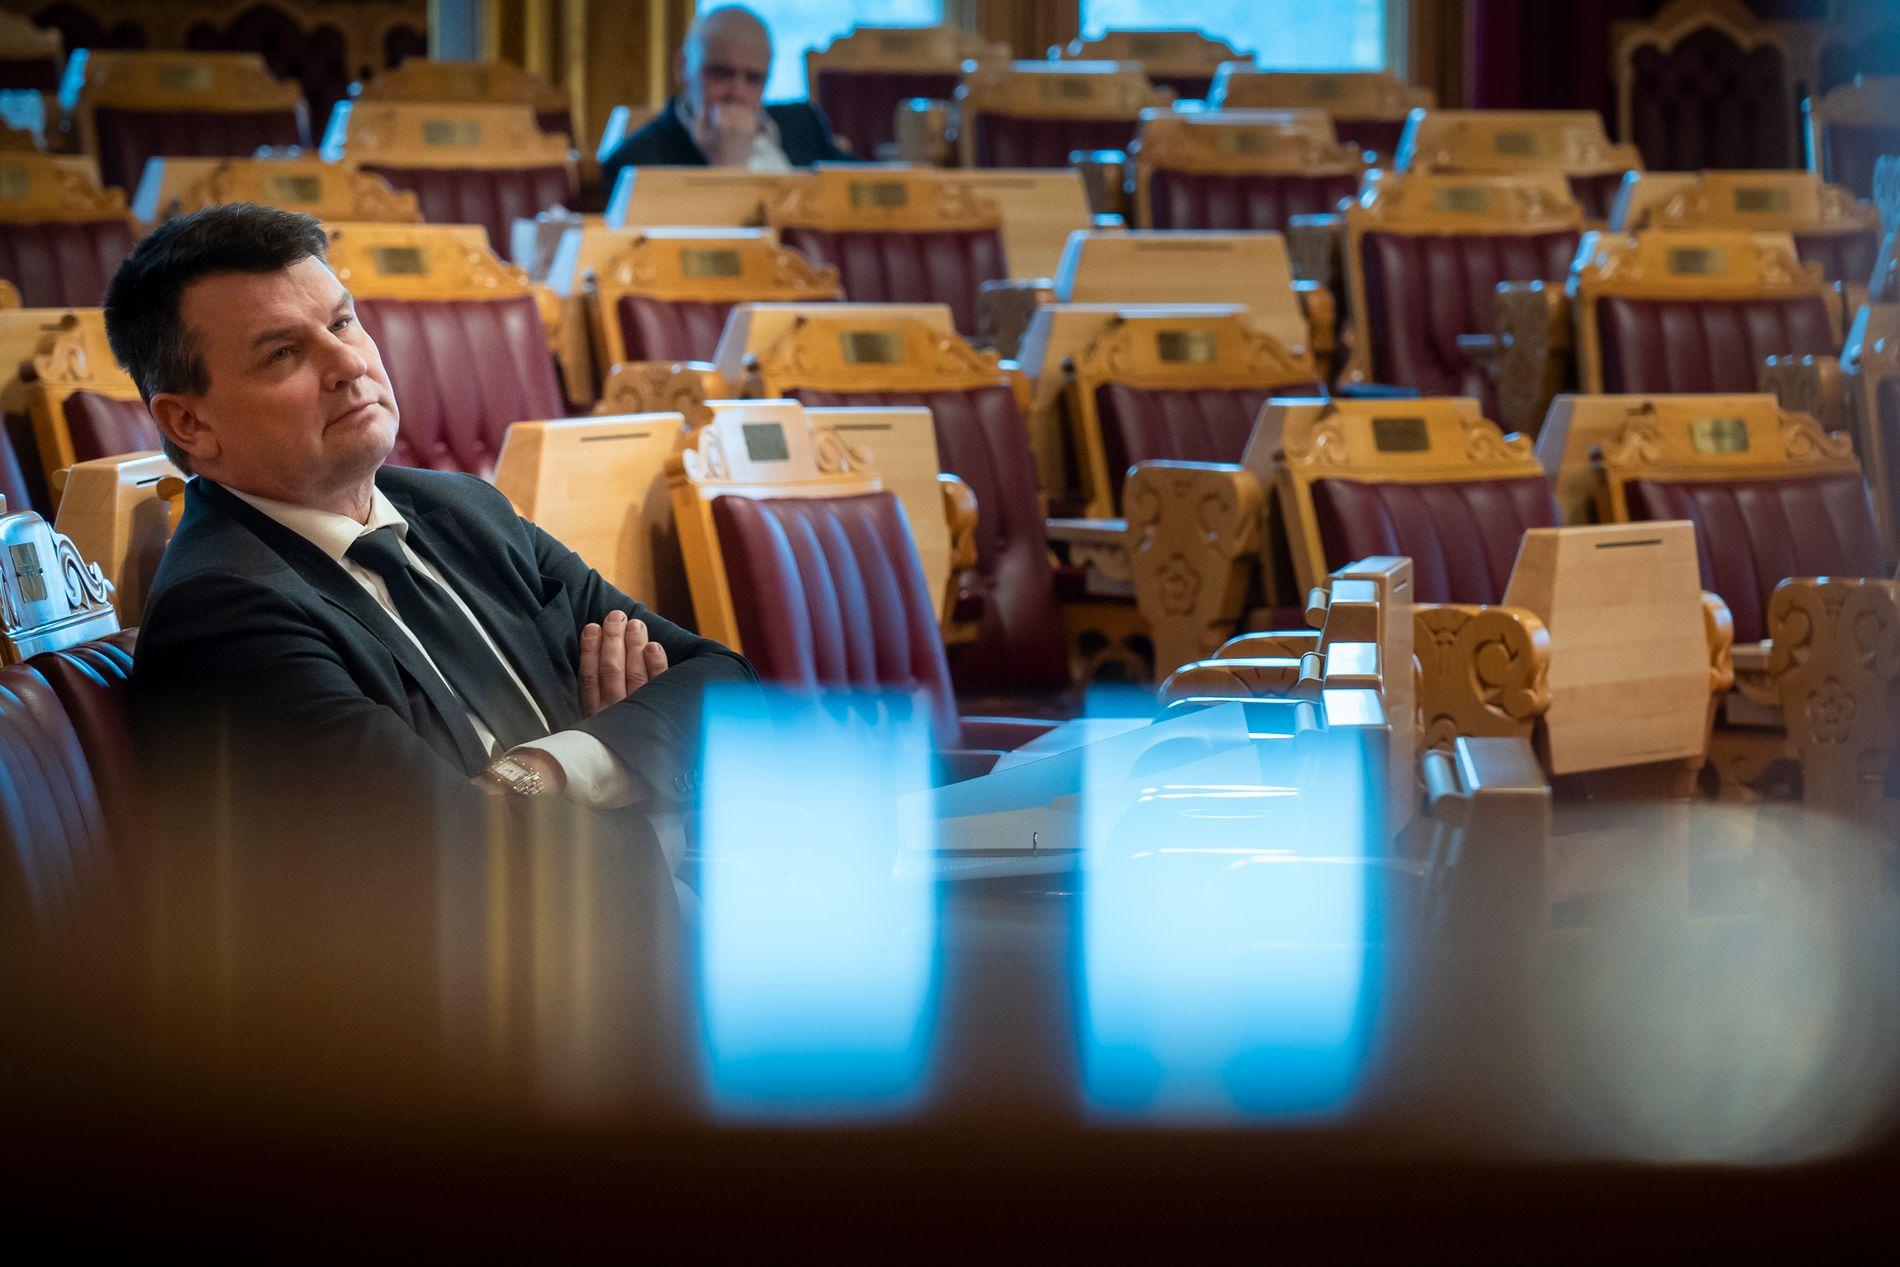 UTSATT: Justisminister Tor Mikkel Wara har vært rammet av en rekke trusler de siste månedene.